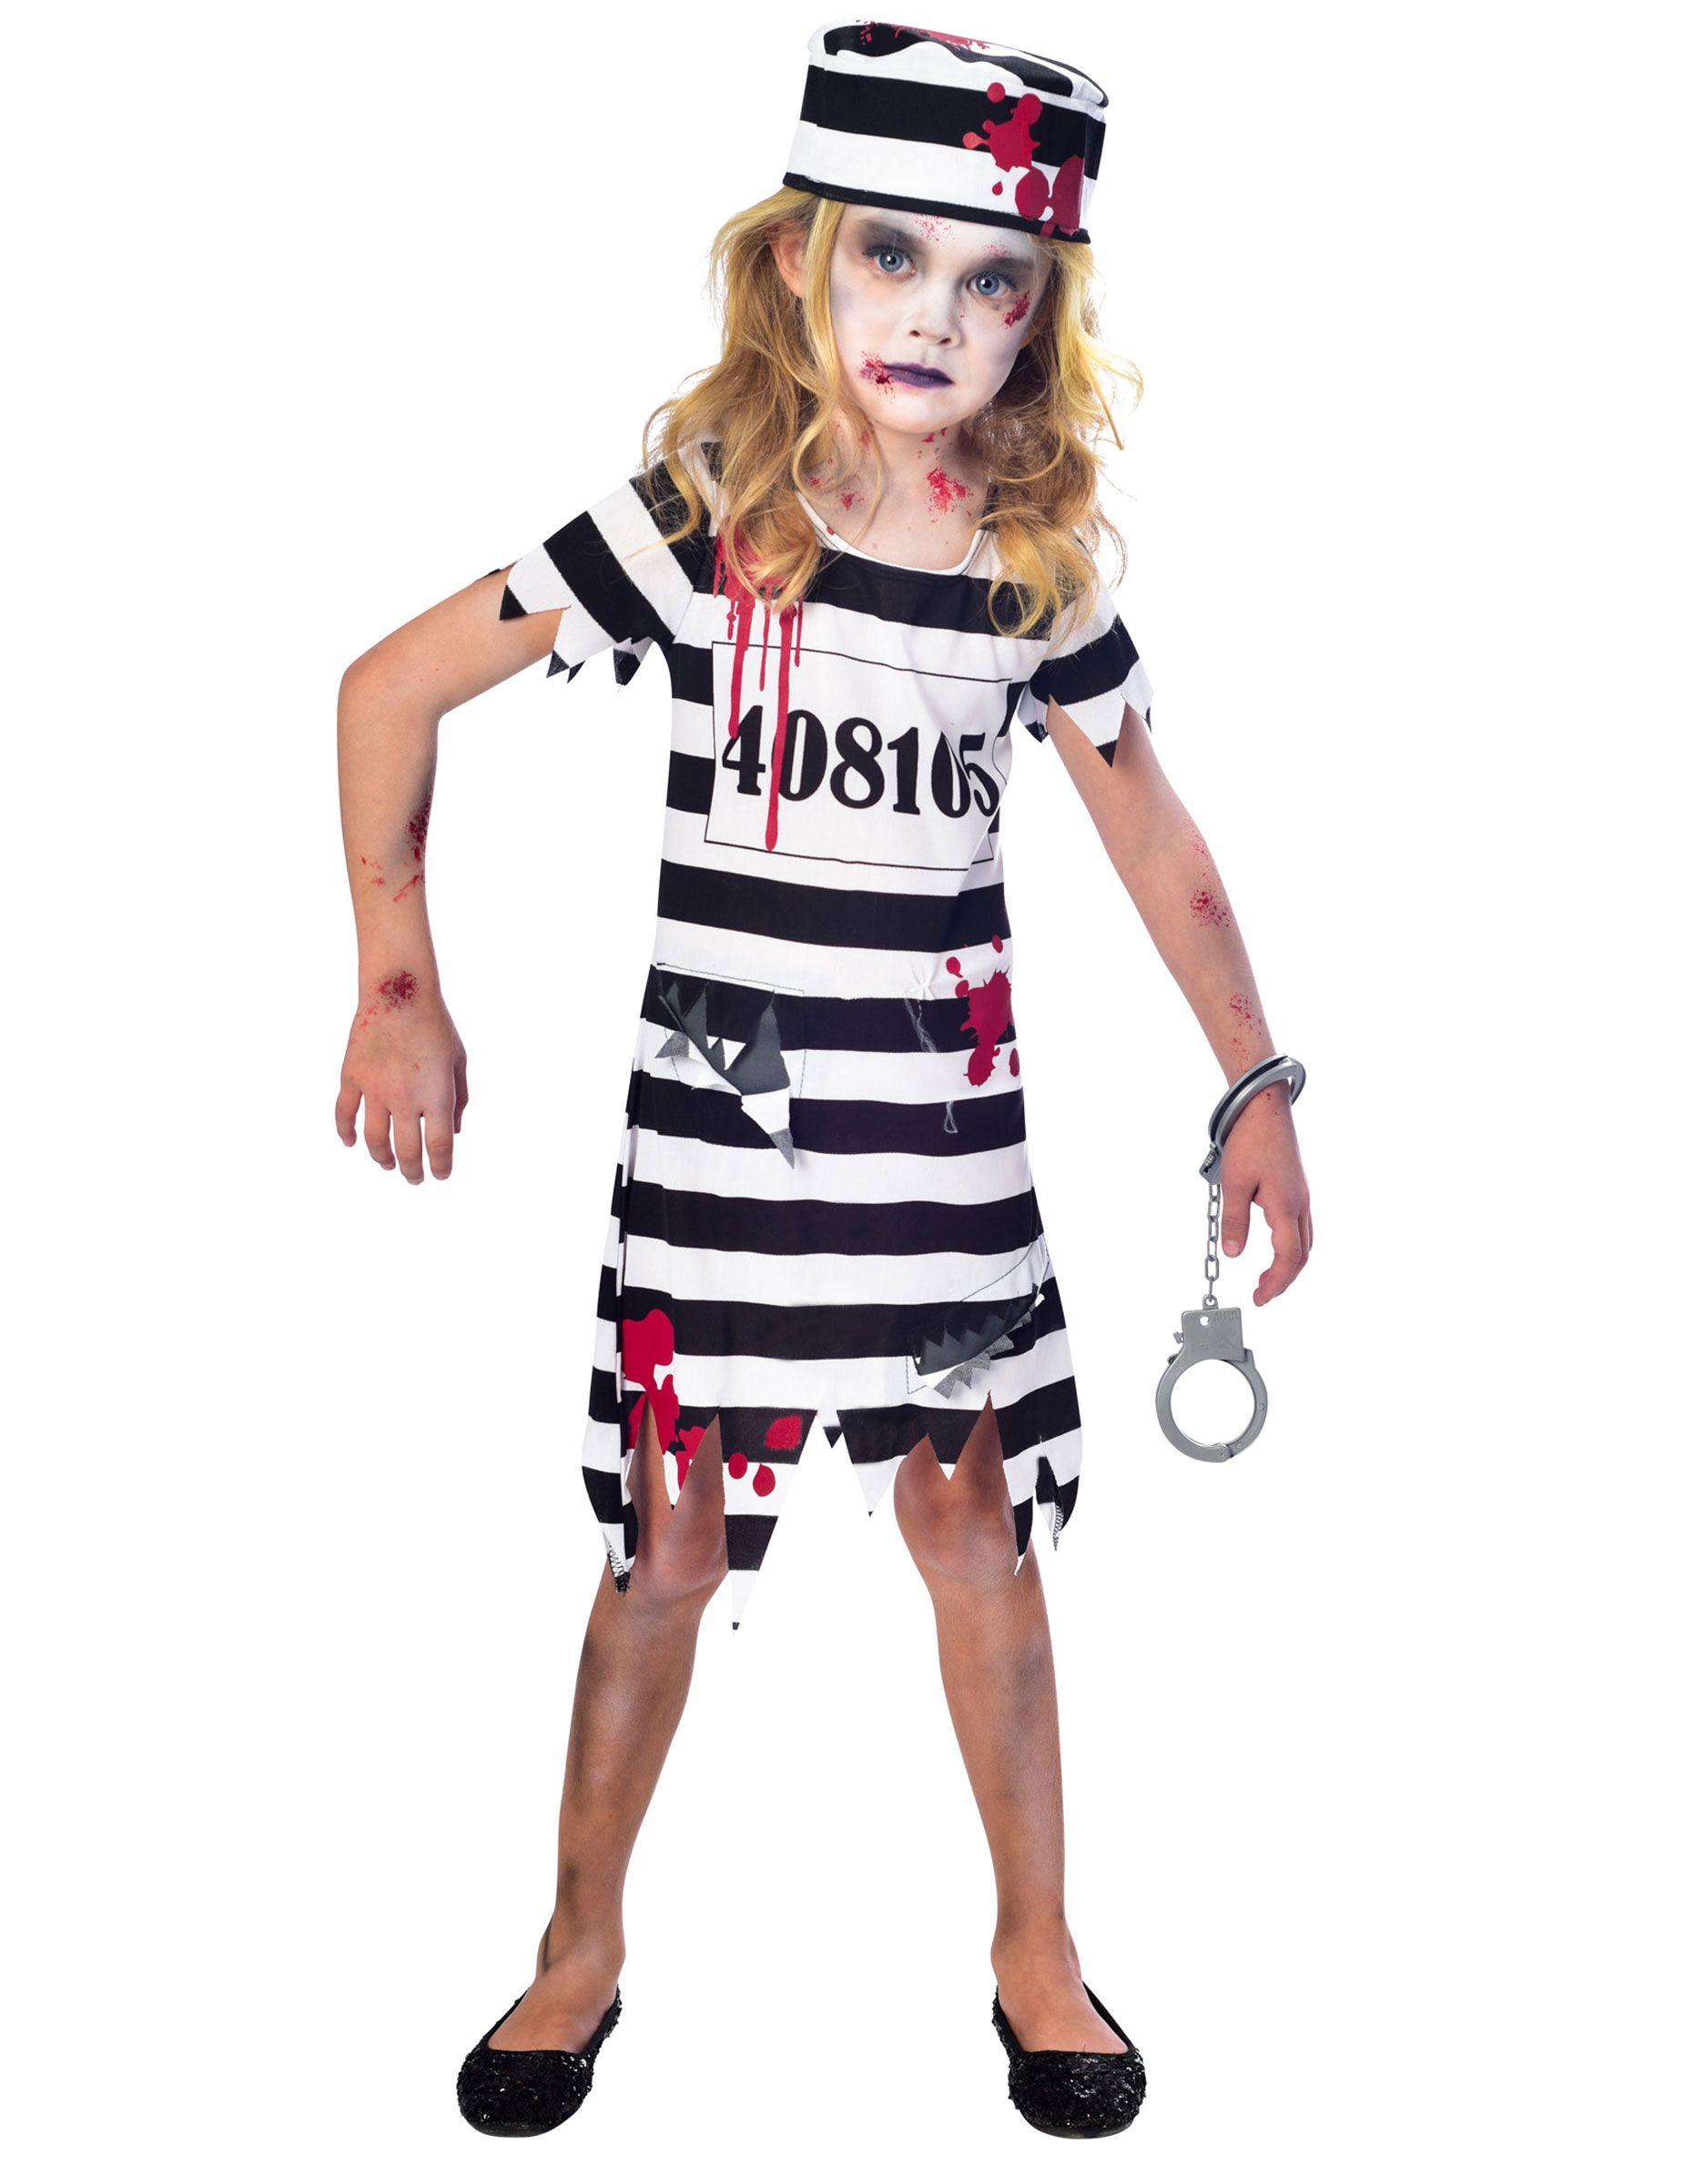 fa7b0e95a8f9 ... molto altro su Halloween di Cristina. Costume da prigioniera zombie per  bambina: Questo travestimento da carcerata zombie comprende un vestitino e